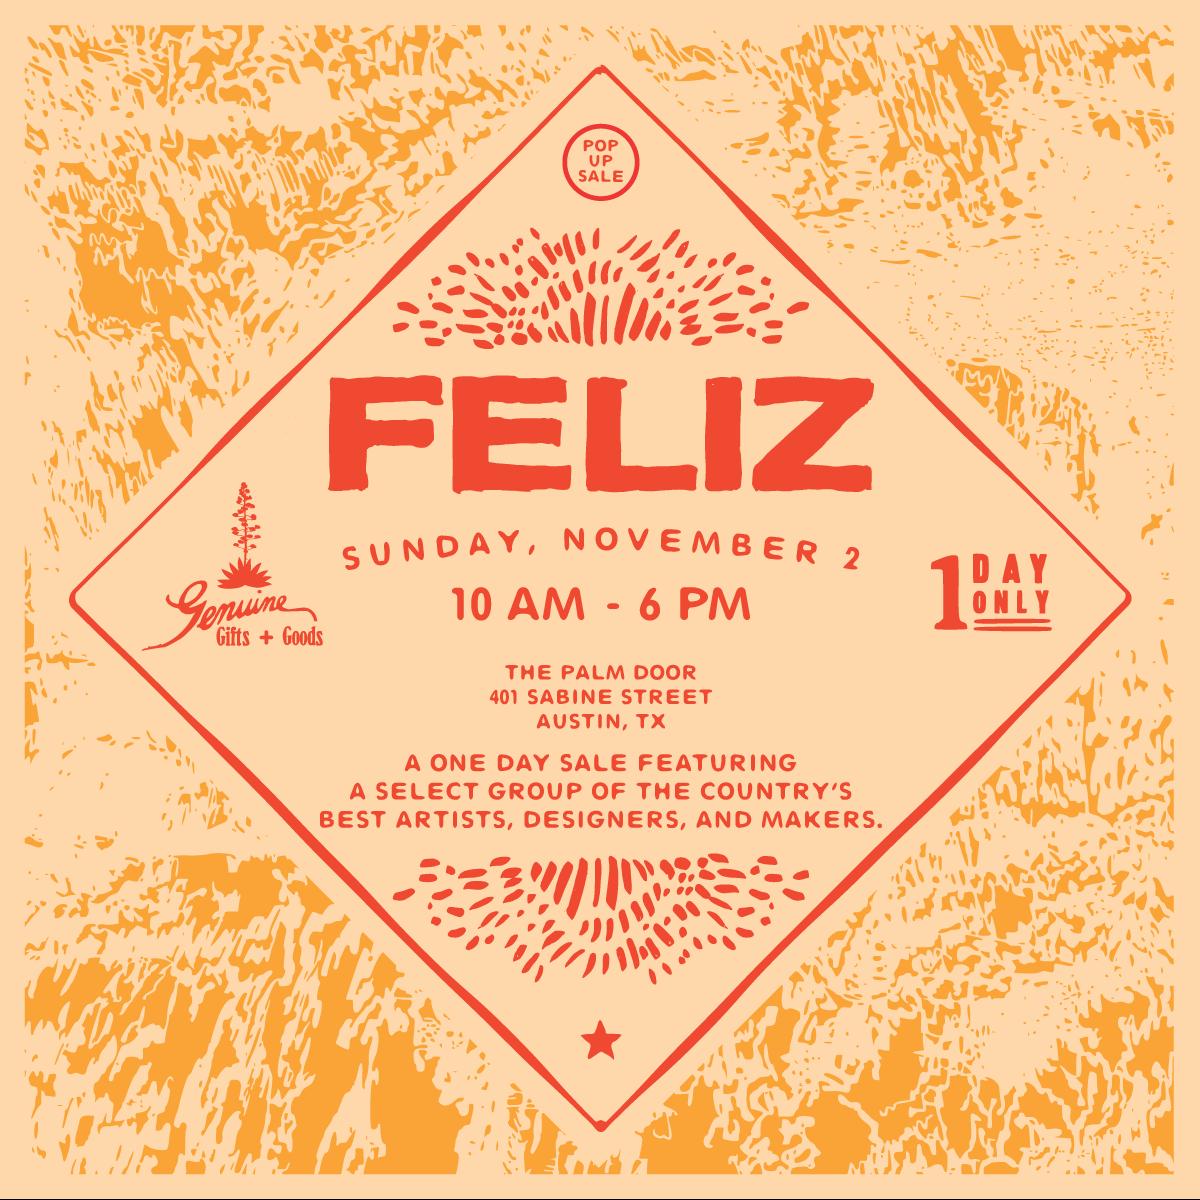 FELIZ-postcard-04